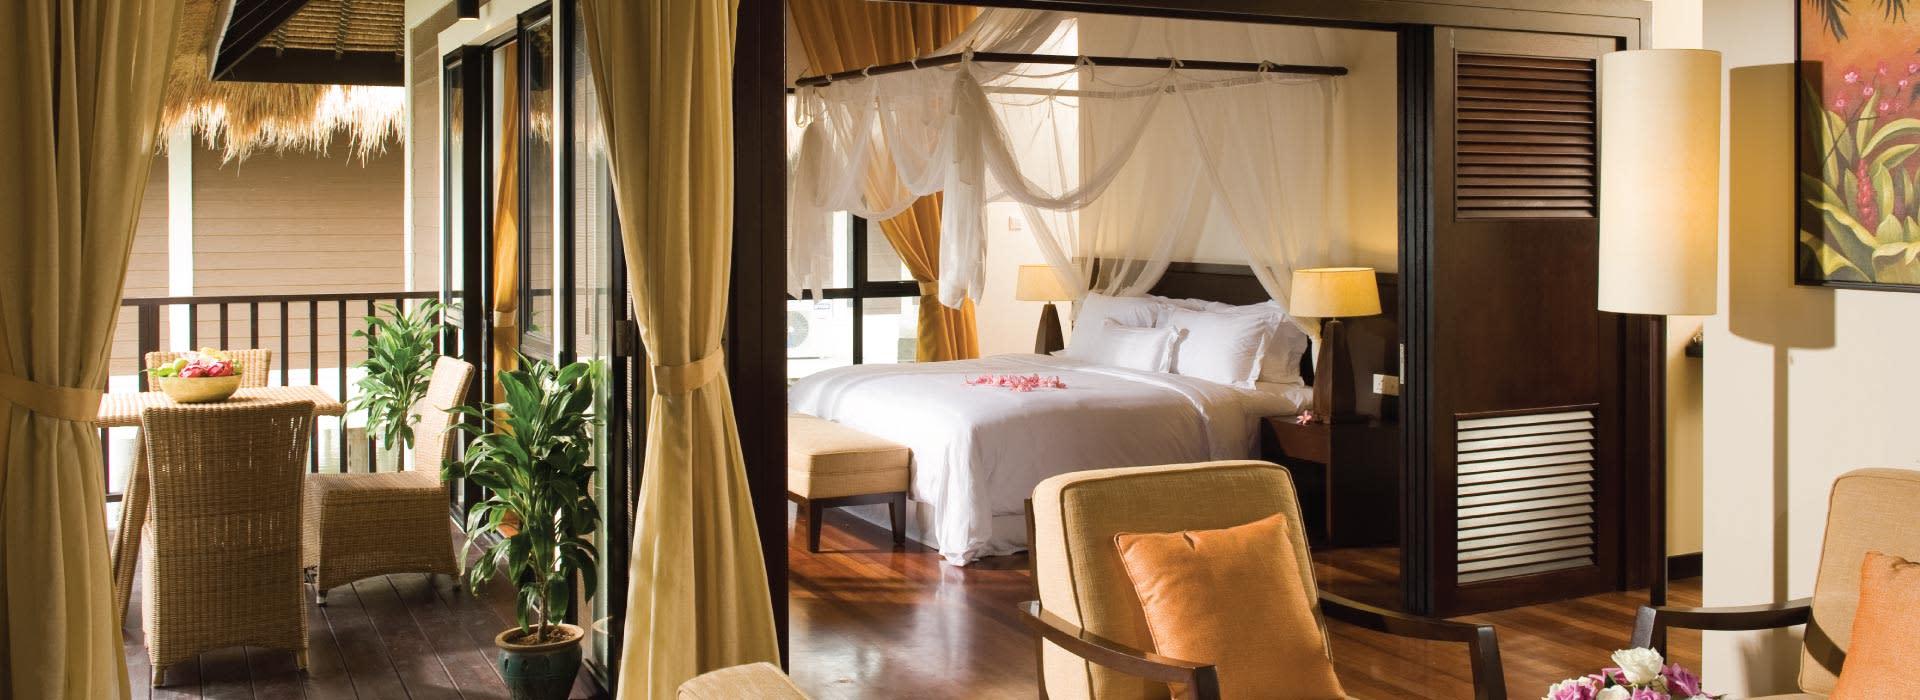 Two bedroom villa at AVANI Sepang Hotel